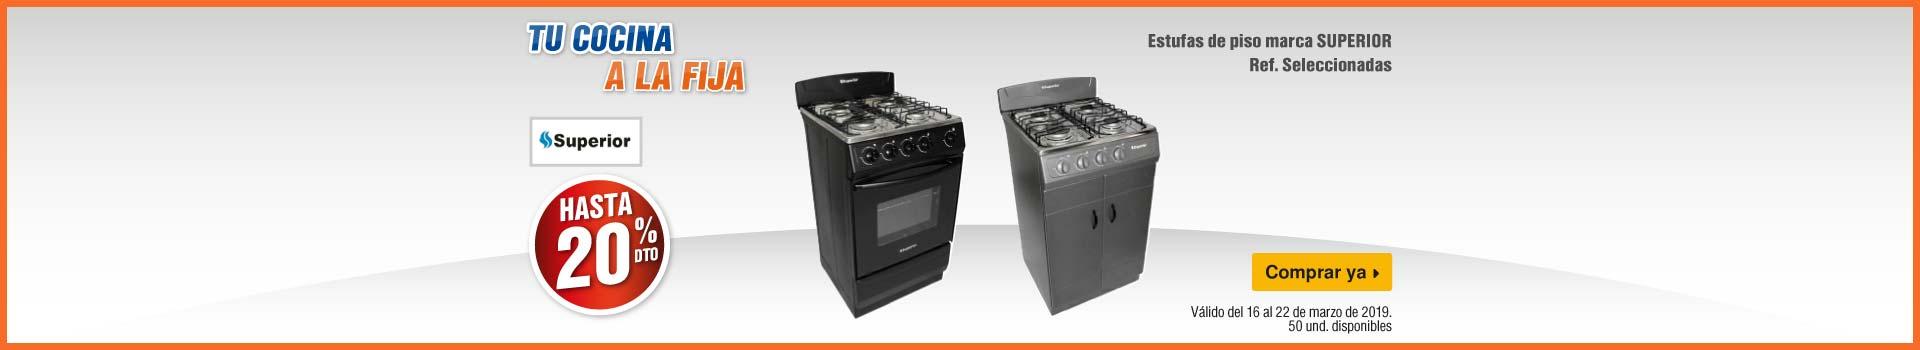 AK-KT-mayores-3-ELECT-BCAT-cocina-SUPERIOR-160319-2